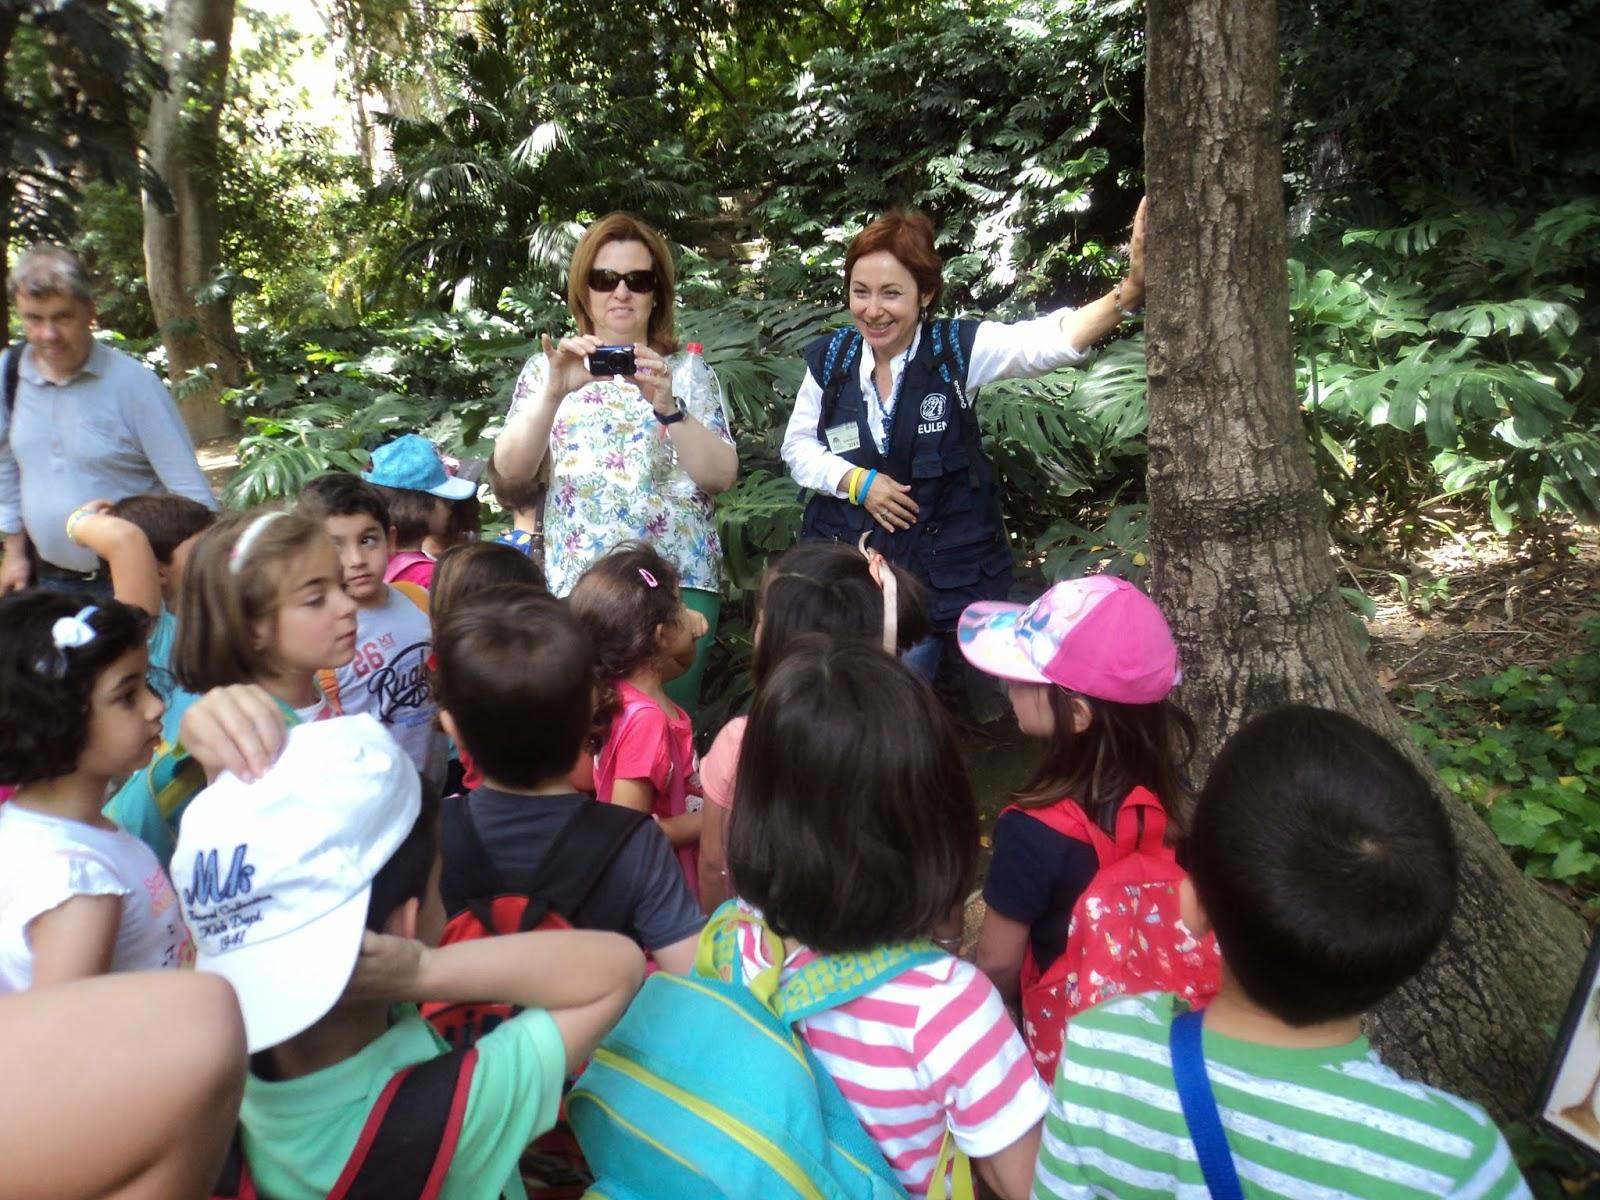 El aula de eugenia for El jardin de eugenia